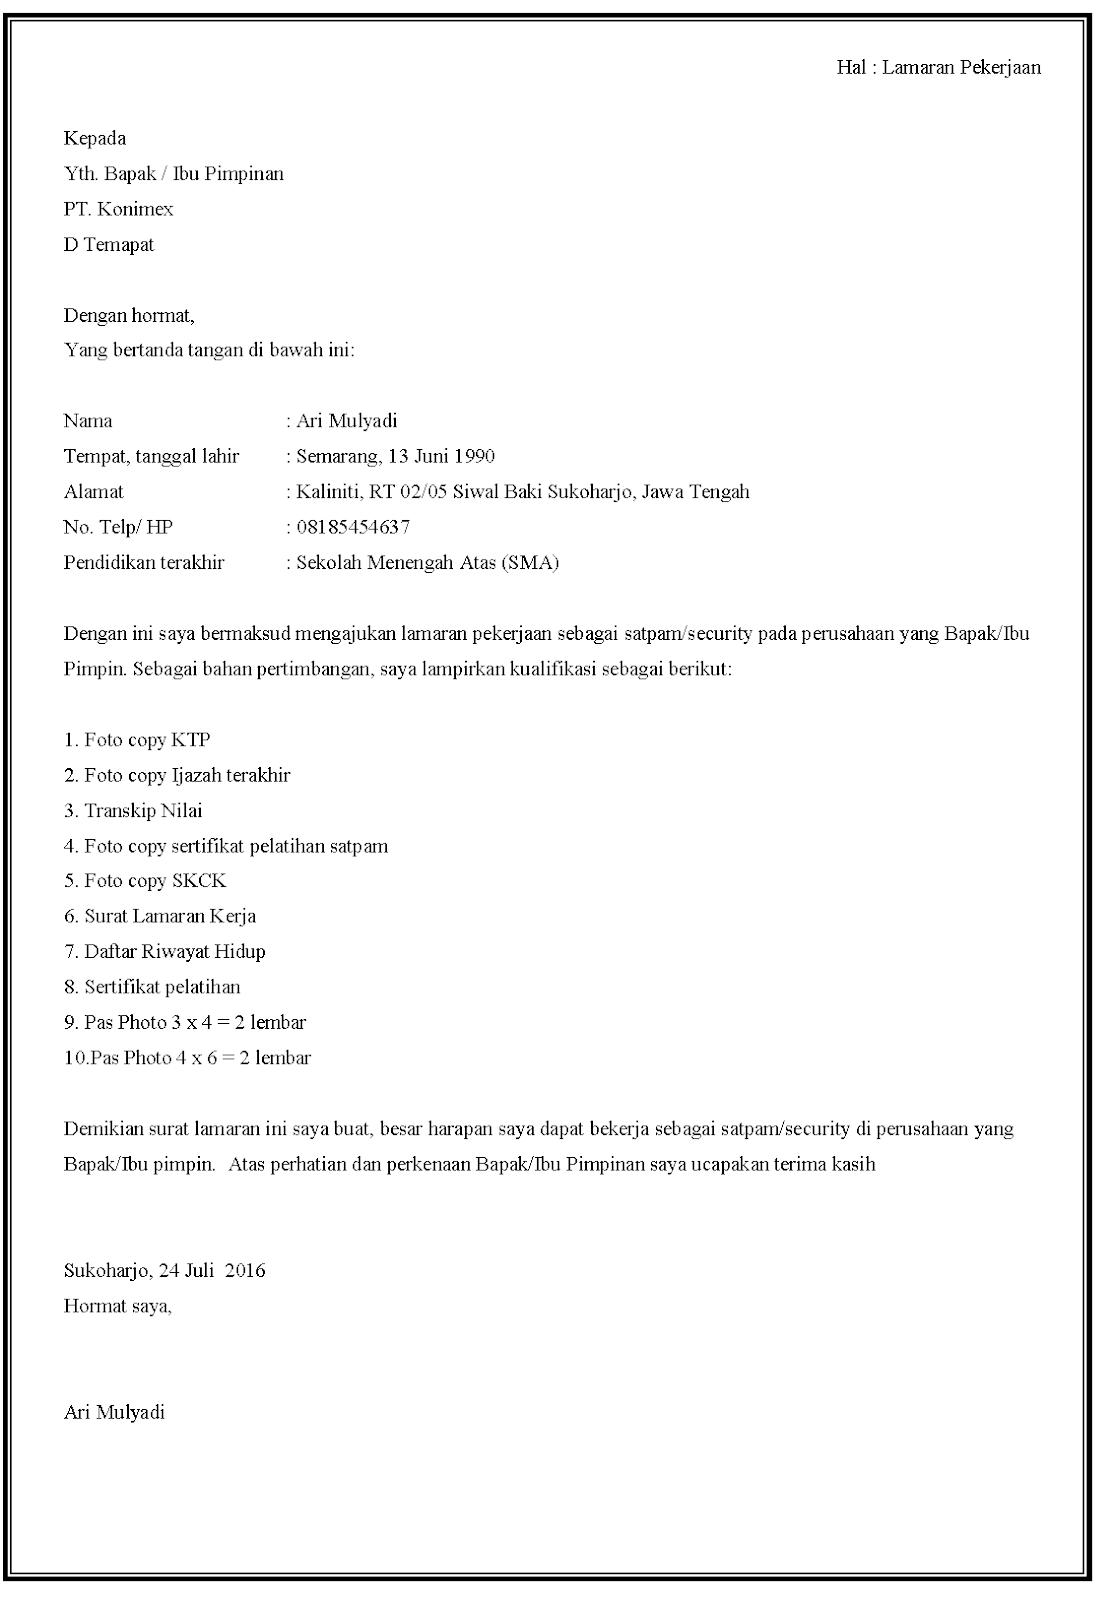 Contoh surat lamaran kerja Security di PT konimex